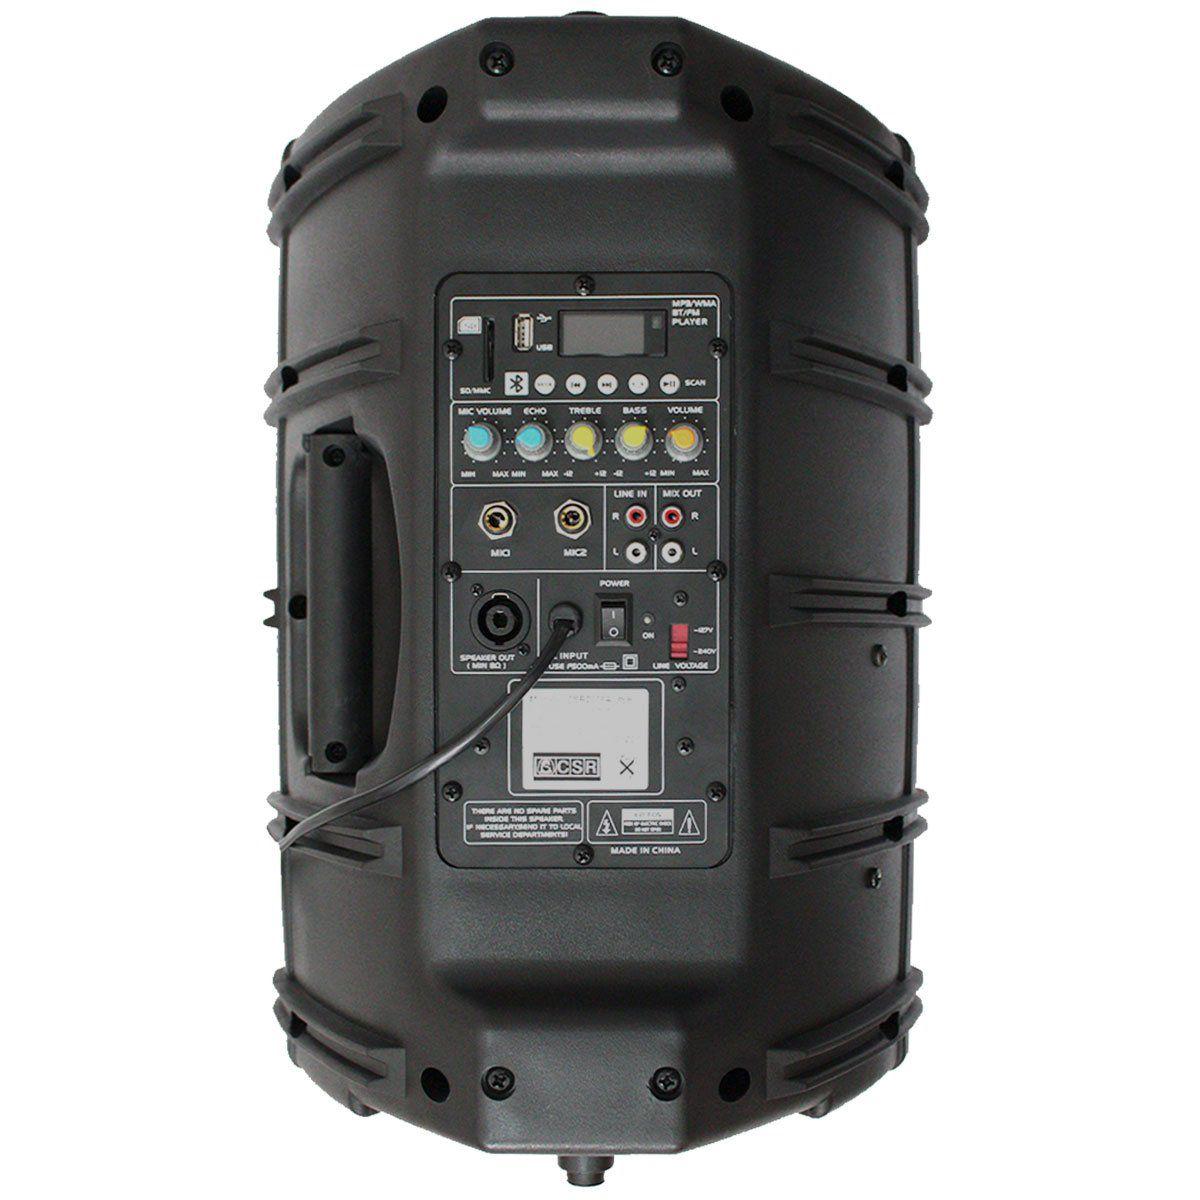 Caixa Amplificada CSR 2500 A USB BT 10 Polegadas 100W c/ USB e Bluetooth